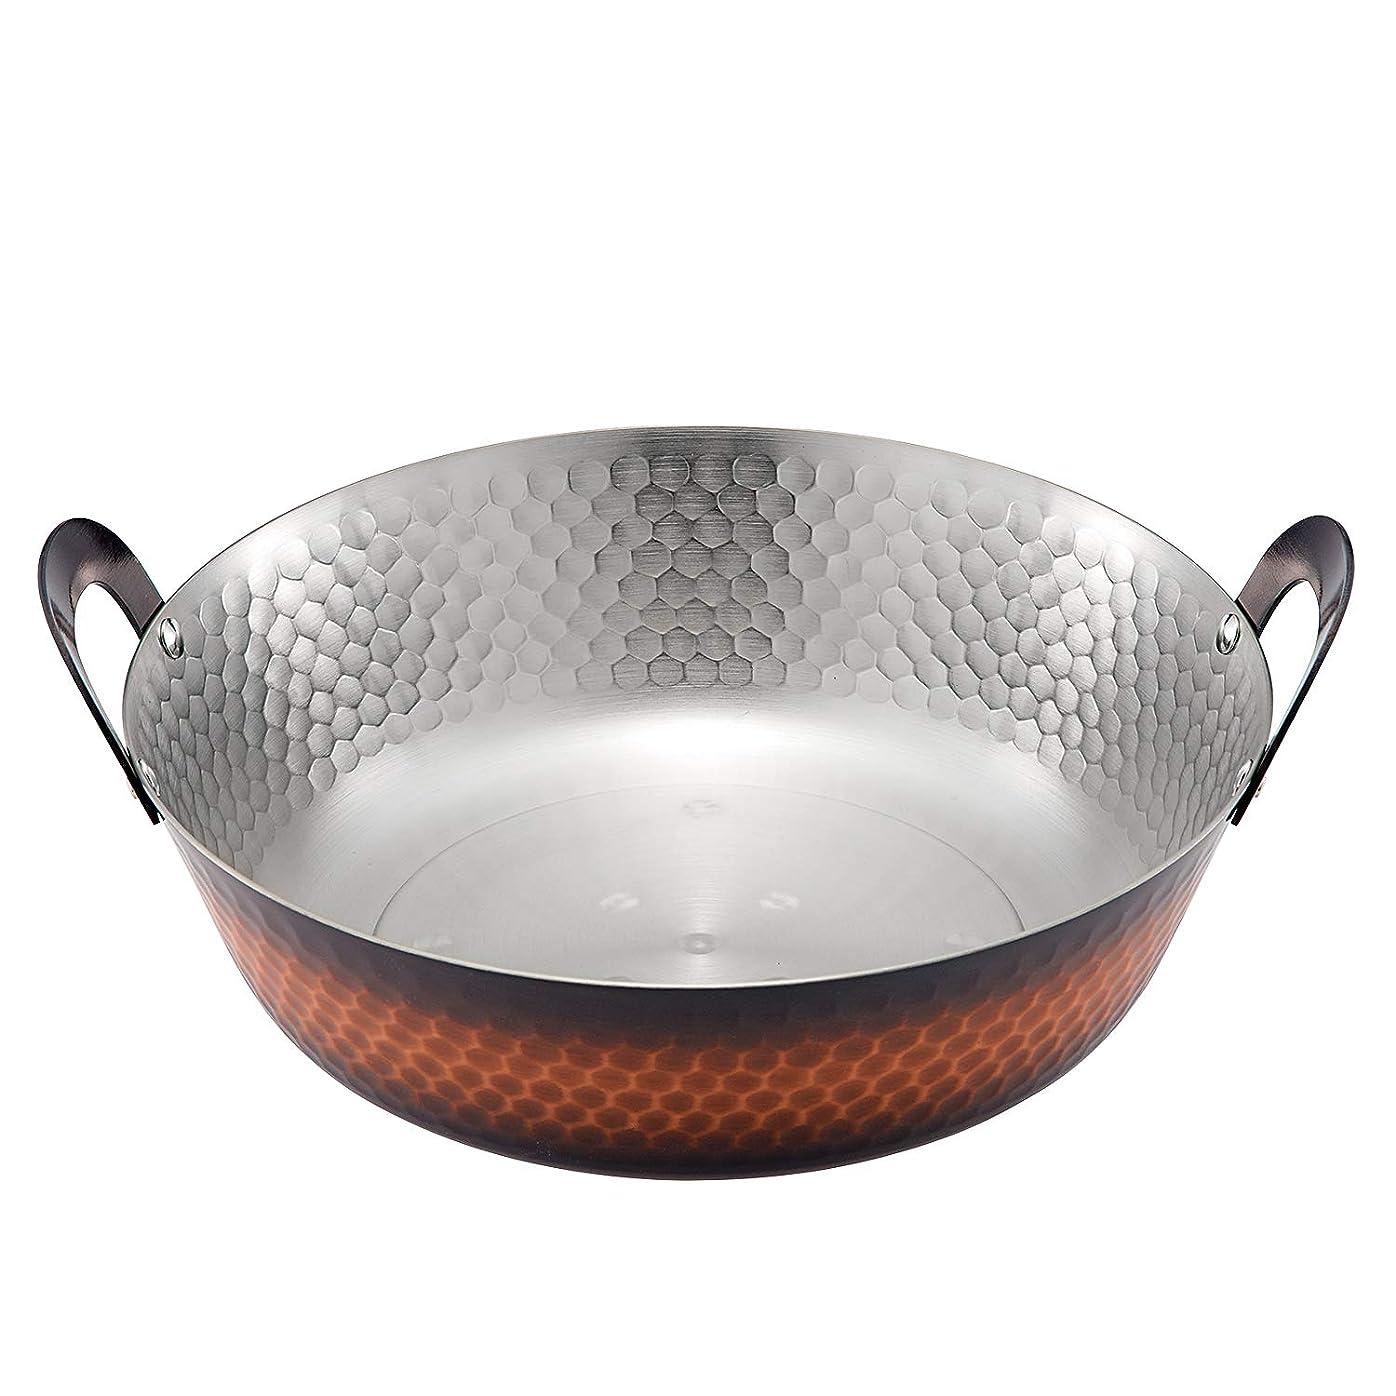 ペアスリップシューズ重要な新光金属 天ぷら鍋 素銅 21cm IH対応 ミニ卓上天ぷら鍋 FS-104IH